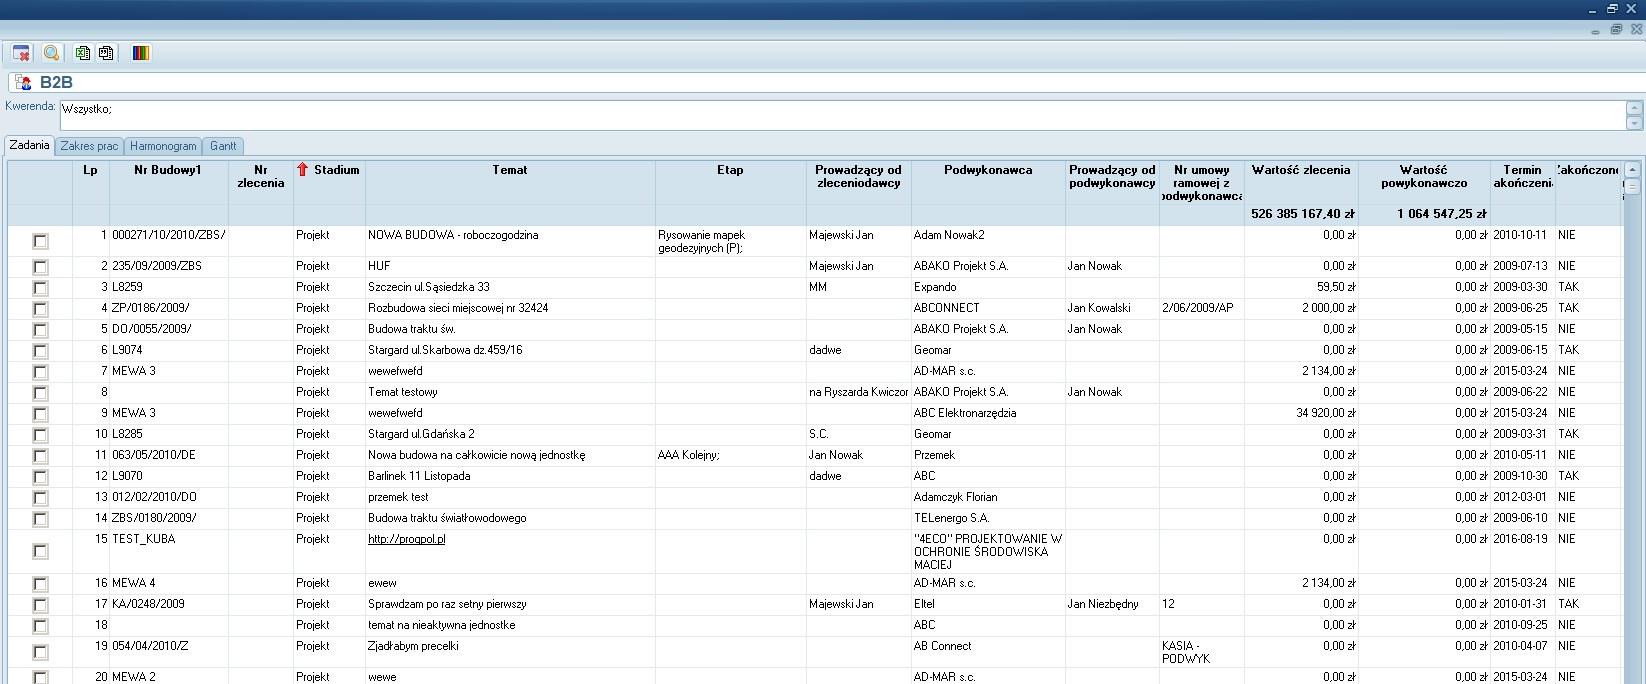 Usługa B2B w module Wykonawstwo systemu TelkomBud